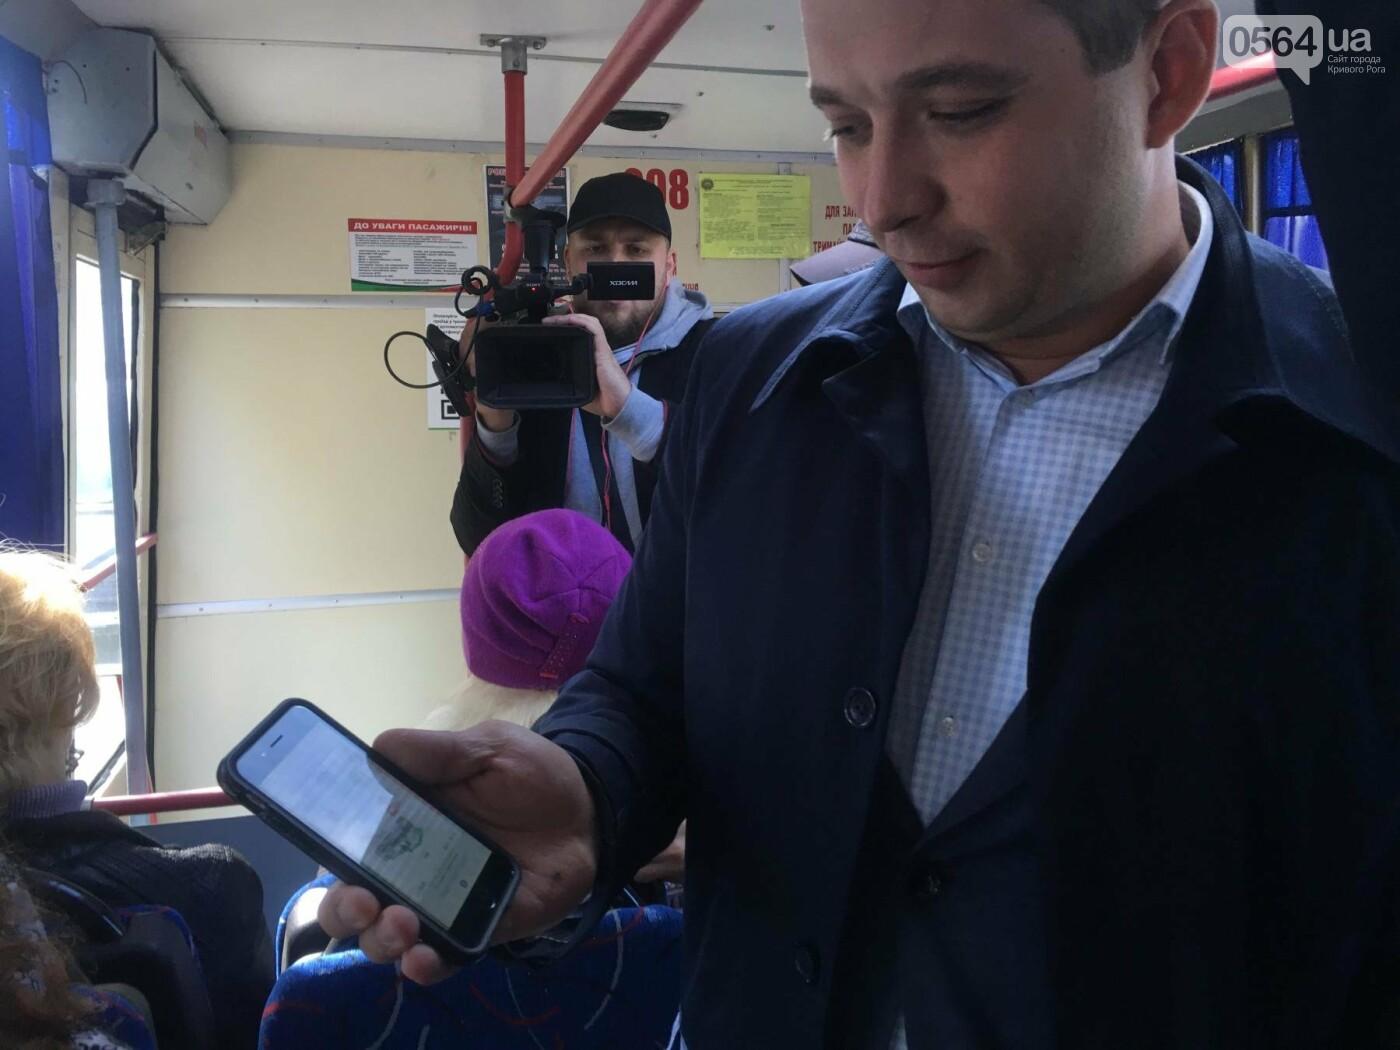 Криворожане могут не переживать, если забыли деньги: оплатить проезд можно с помощью QR-кода (ФОТО), фото-7